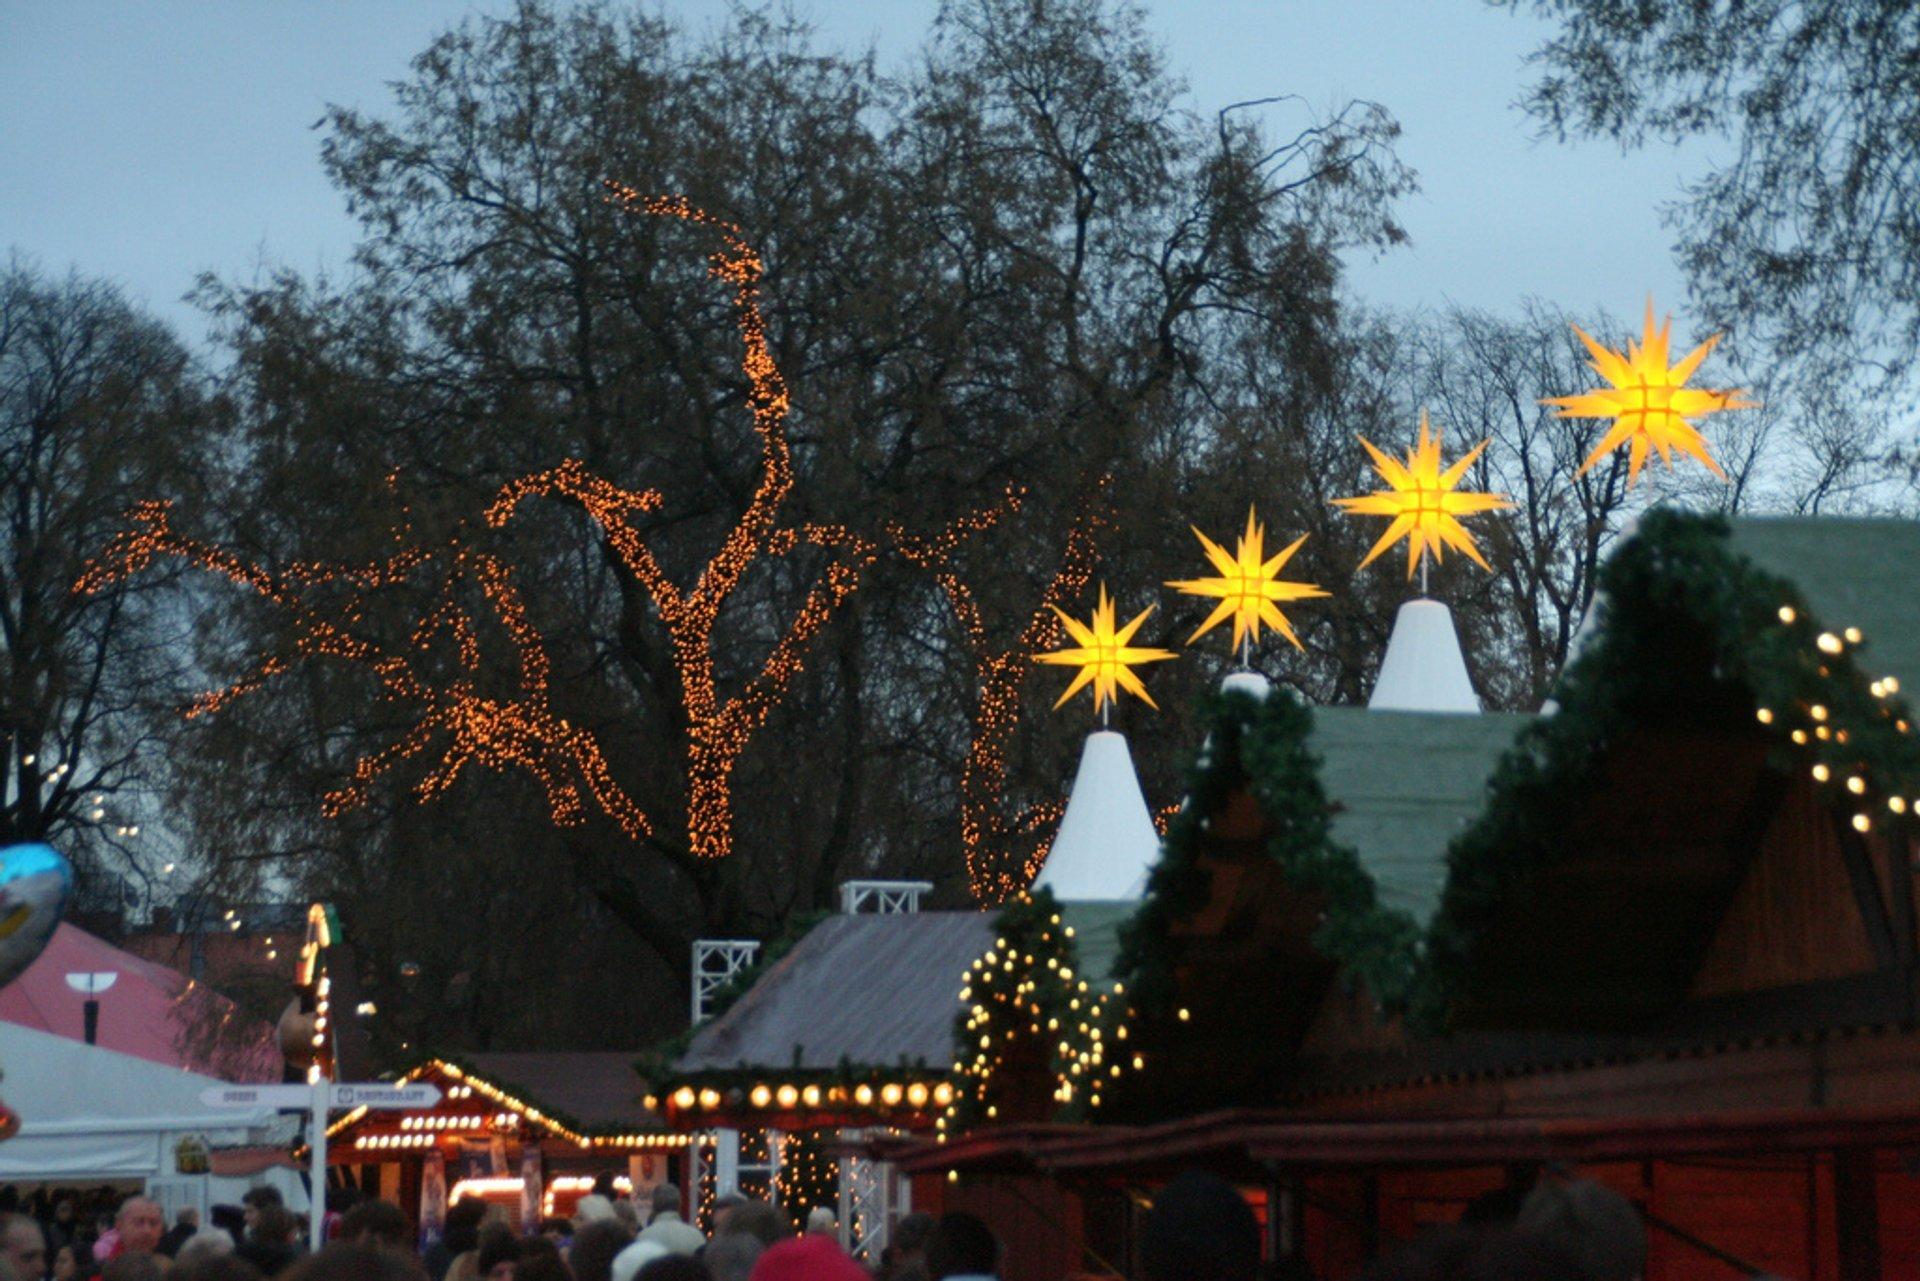 Oslo Christmas market (Jul i Vinterland) 2020